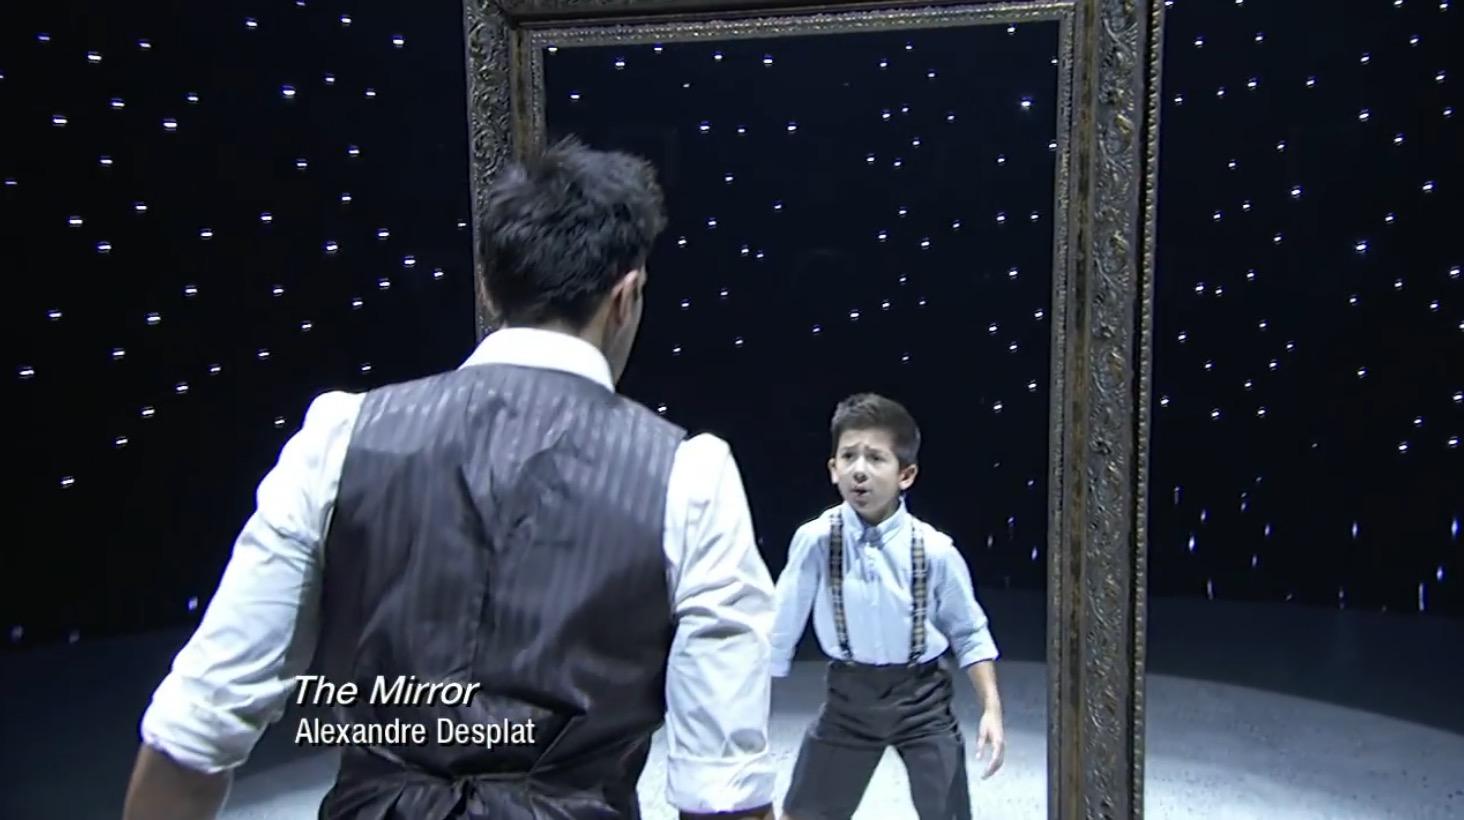 なぜか涙が。。人生の目的を失った男性が、鏡に映った少年時代の「自分」と再会するコンテンポラリーダンスに鳥肌!!